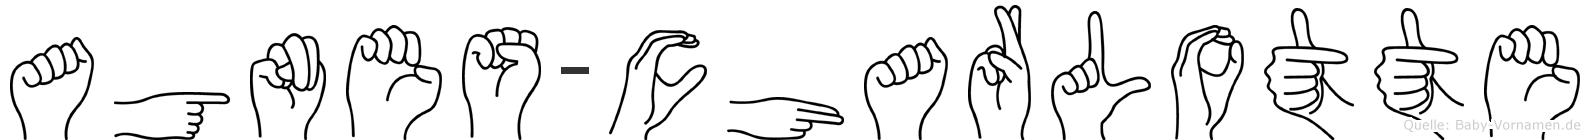 Agnes-Charlotte im Fingeralphabet der Deutschen Gebärdensprache